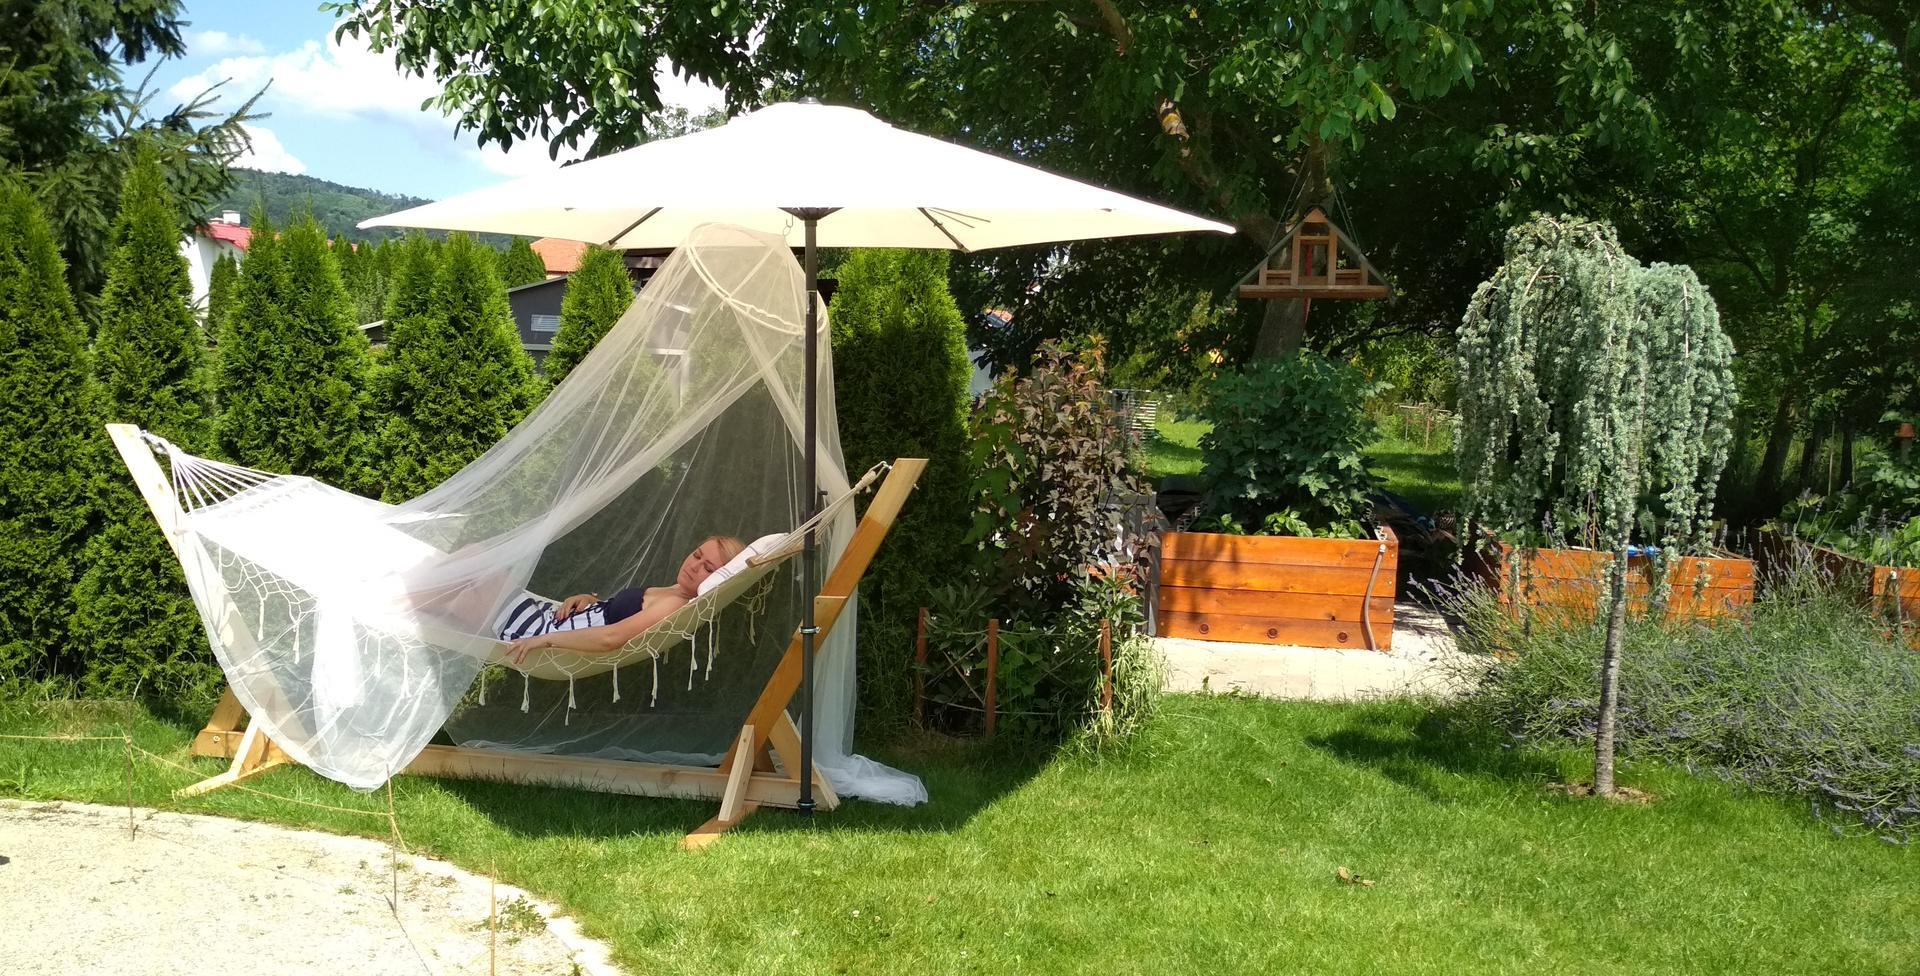 Drevený stojan na hojdaciu sieť... relax v záhrade - Obrázok č. 2